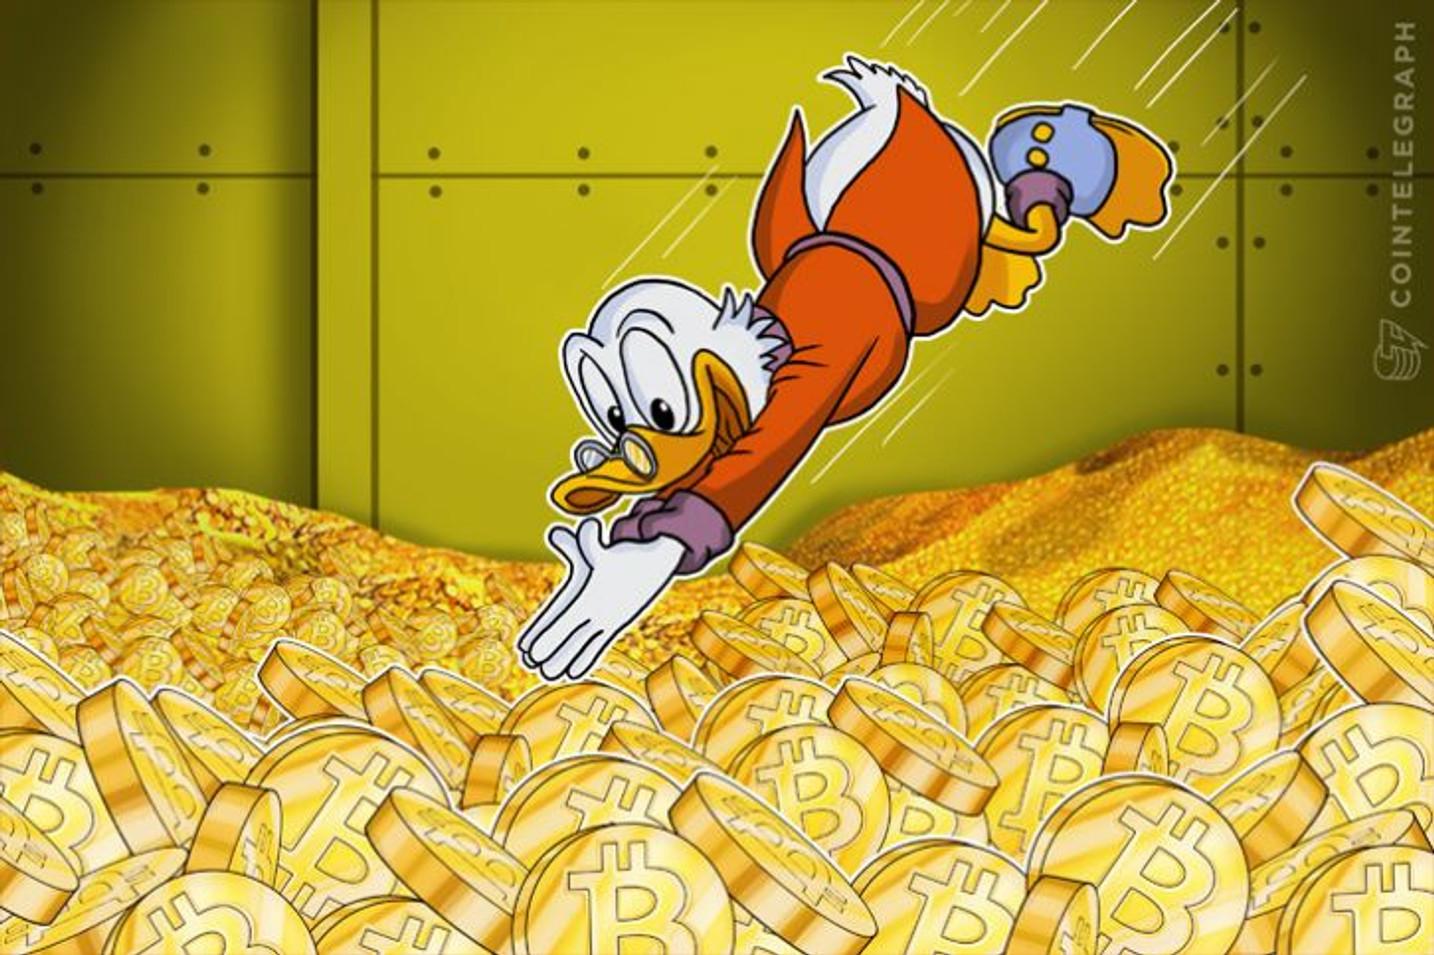 Cena bitkoina se utrostručila od prošle godine: Razlozi za čuvanje bitkoina